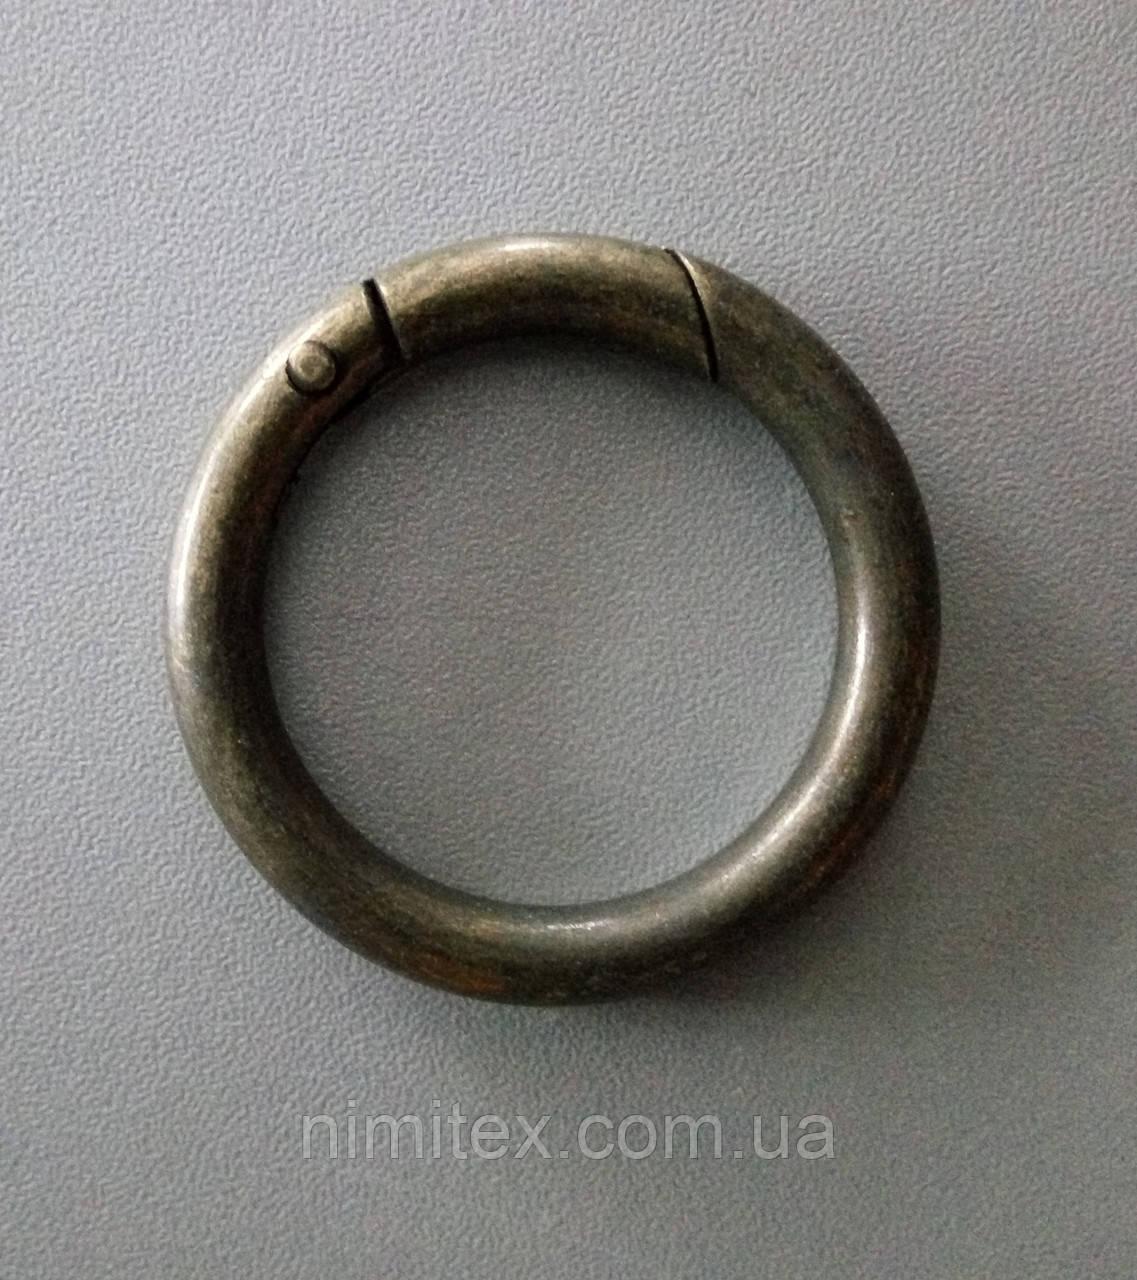 Кольцо-карабин 34 мм антик